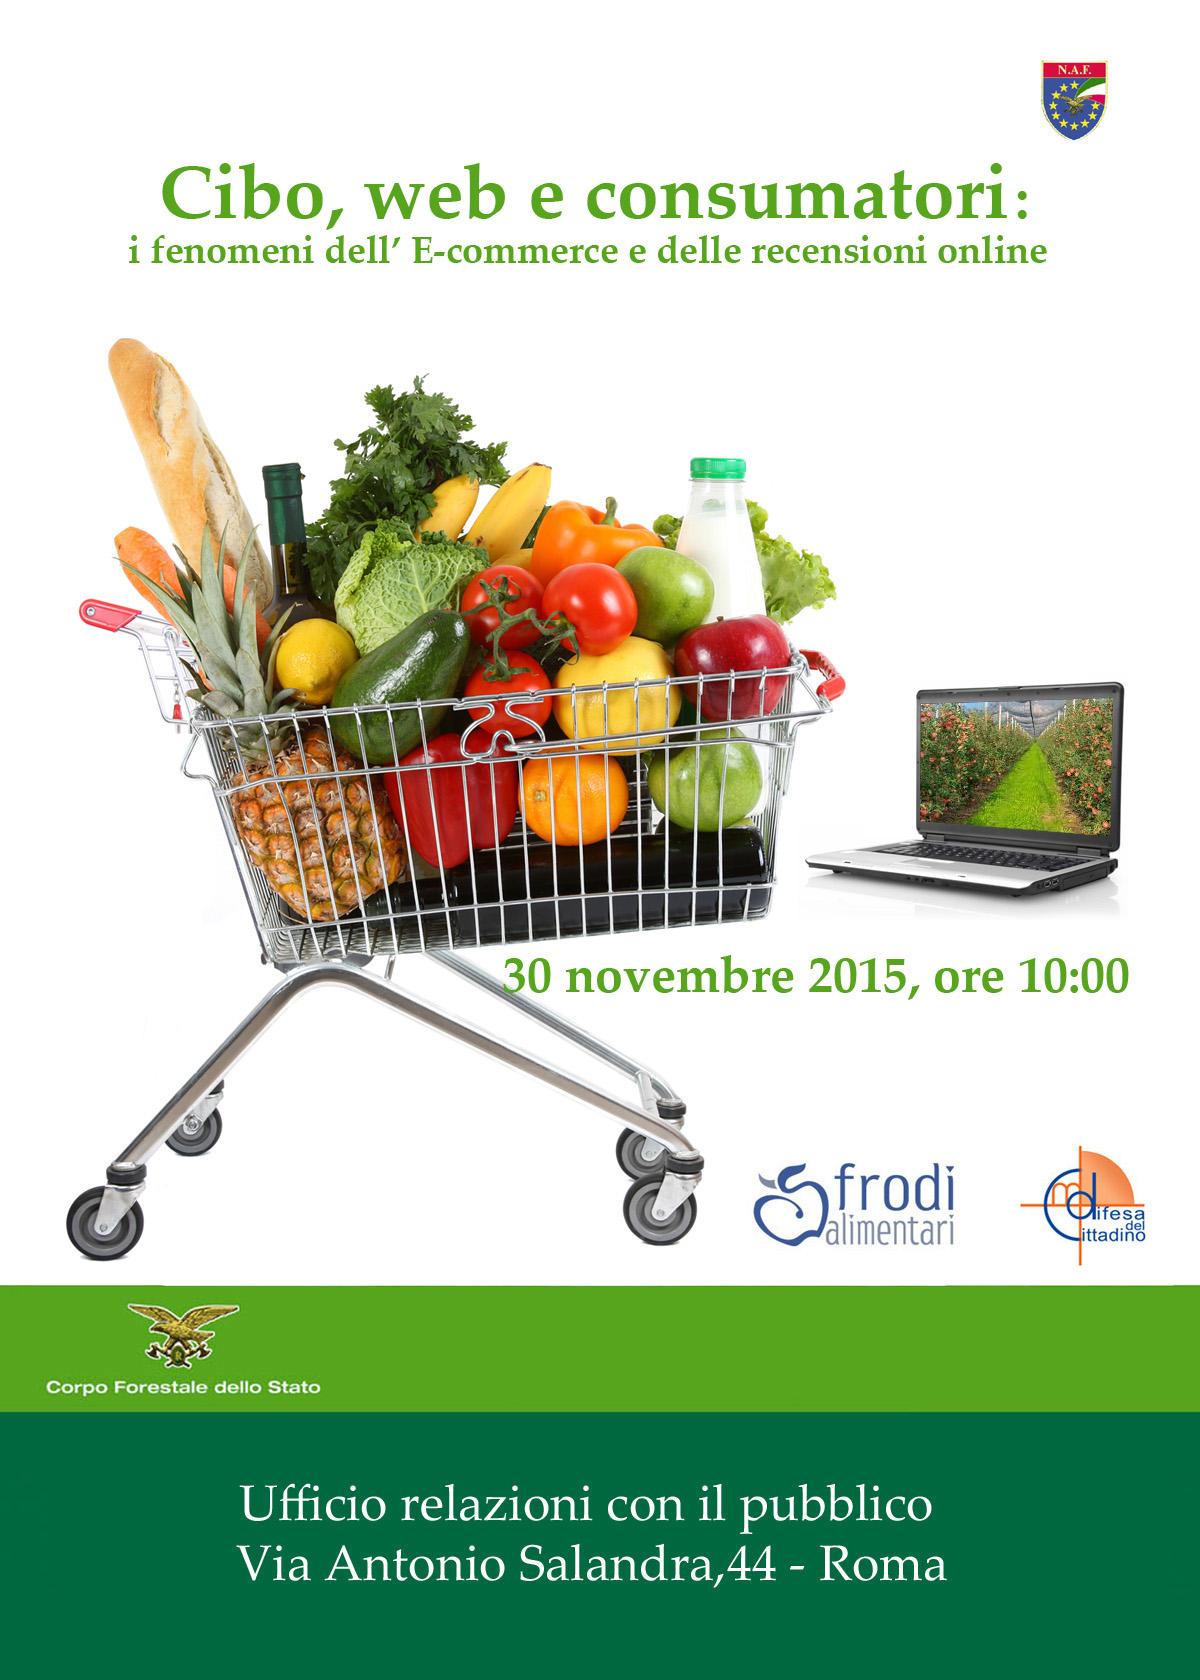 Locandina ecommerce 30 novembre 2015 (1)